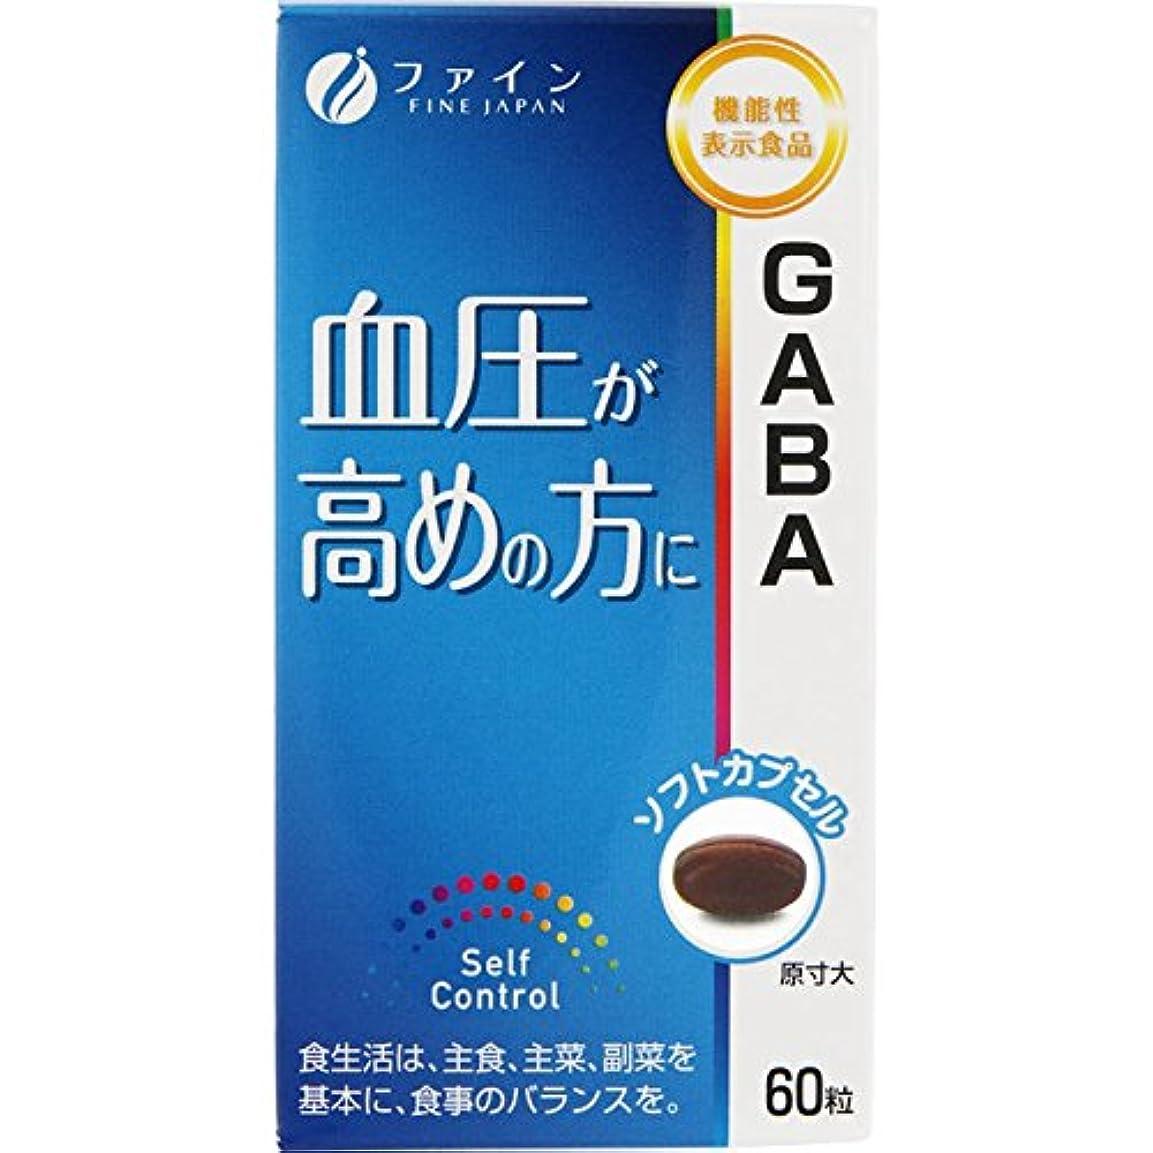 くびれた吸収する口述ファイン 機能性表示食品 GABA 27g(450mg×60粒)